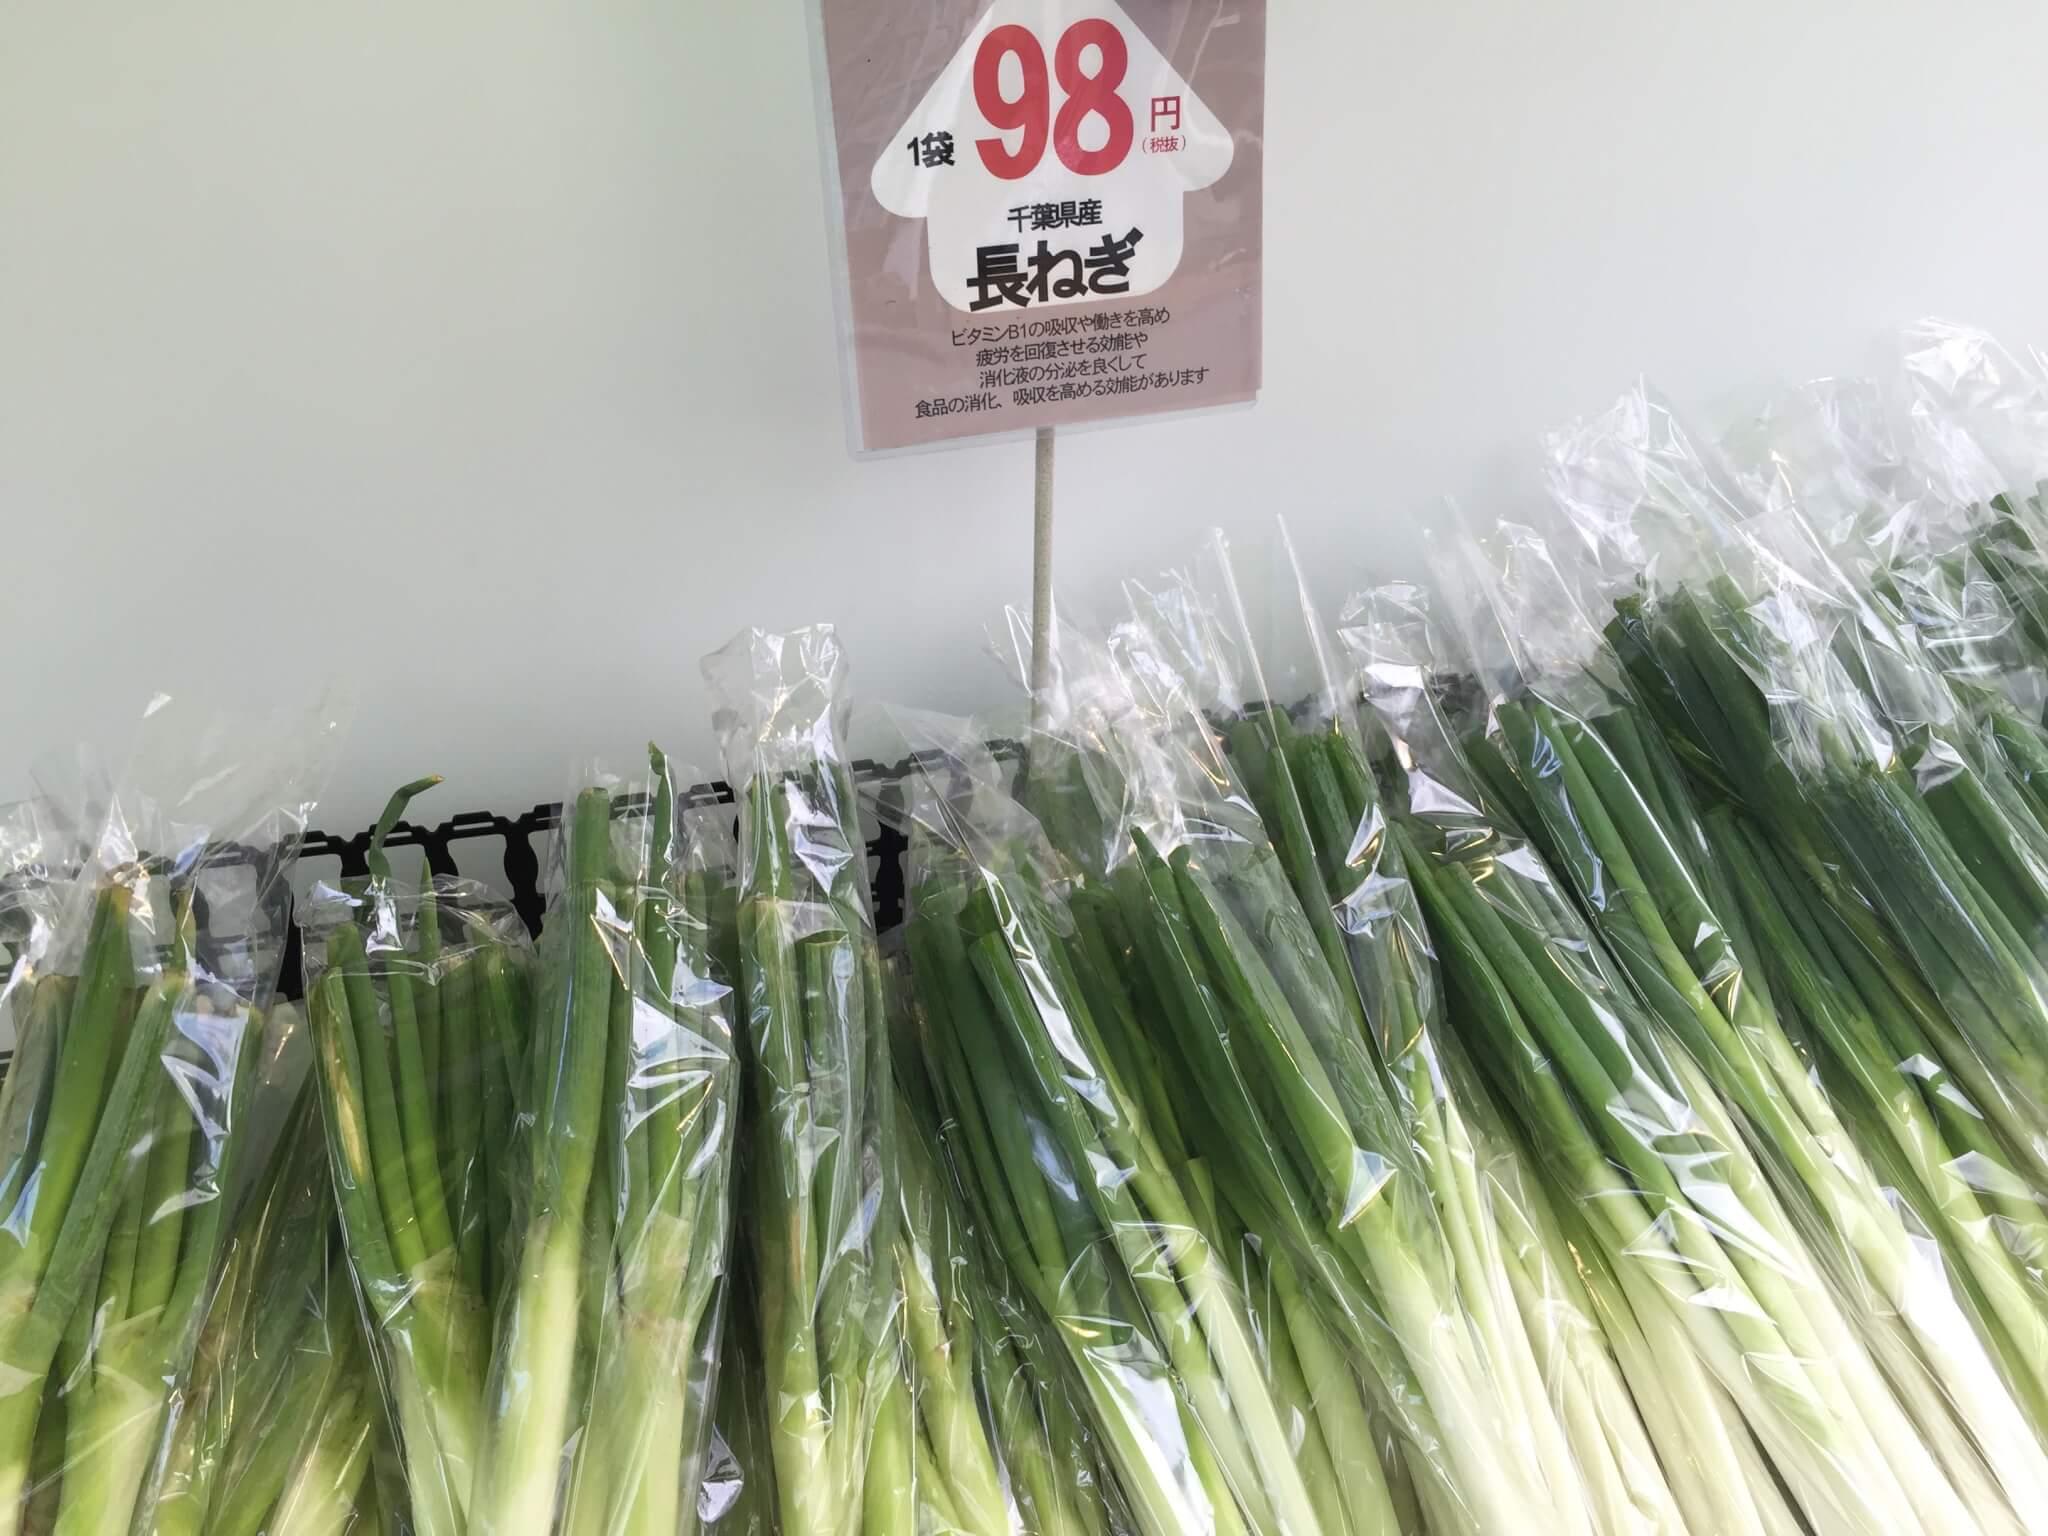 スーパーUna casita(おなかすいた) ネギ安い!